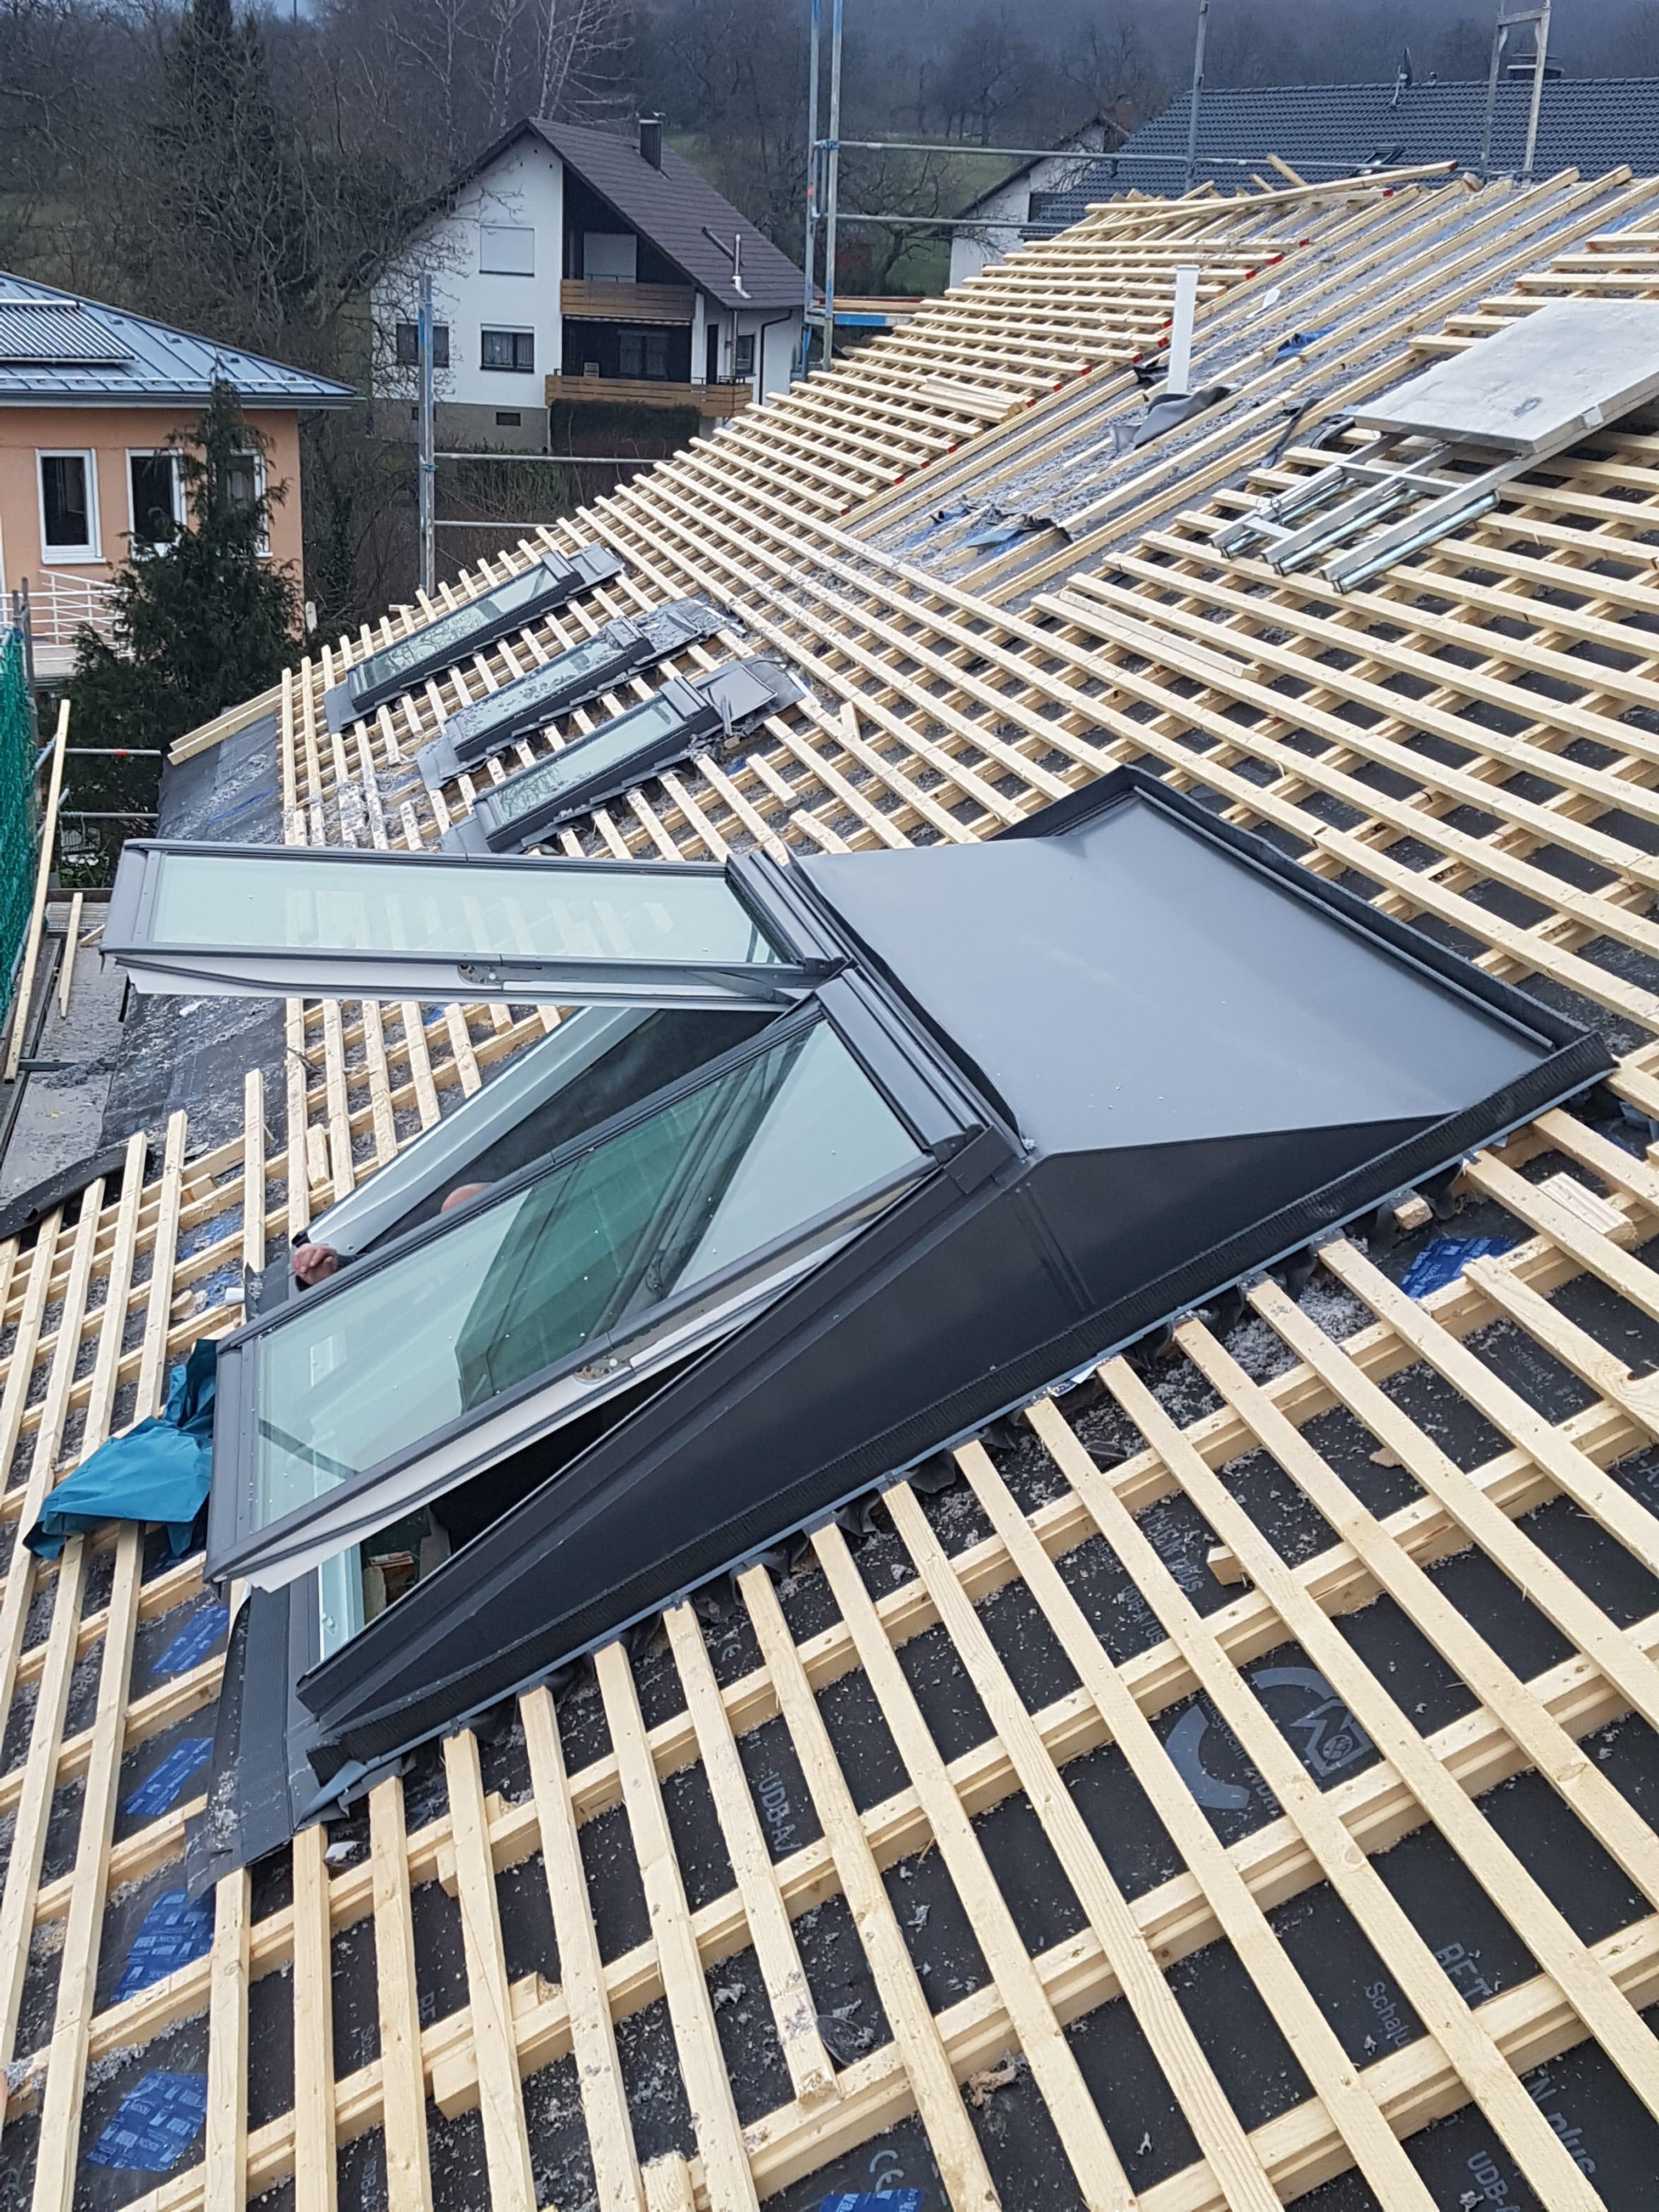 wer baut dachfenster ein trendy dachfenster montage einbau austausch velux with wer baut. Black Bedroom Furniture Sets. Home Design Ideas